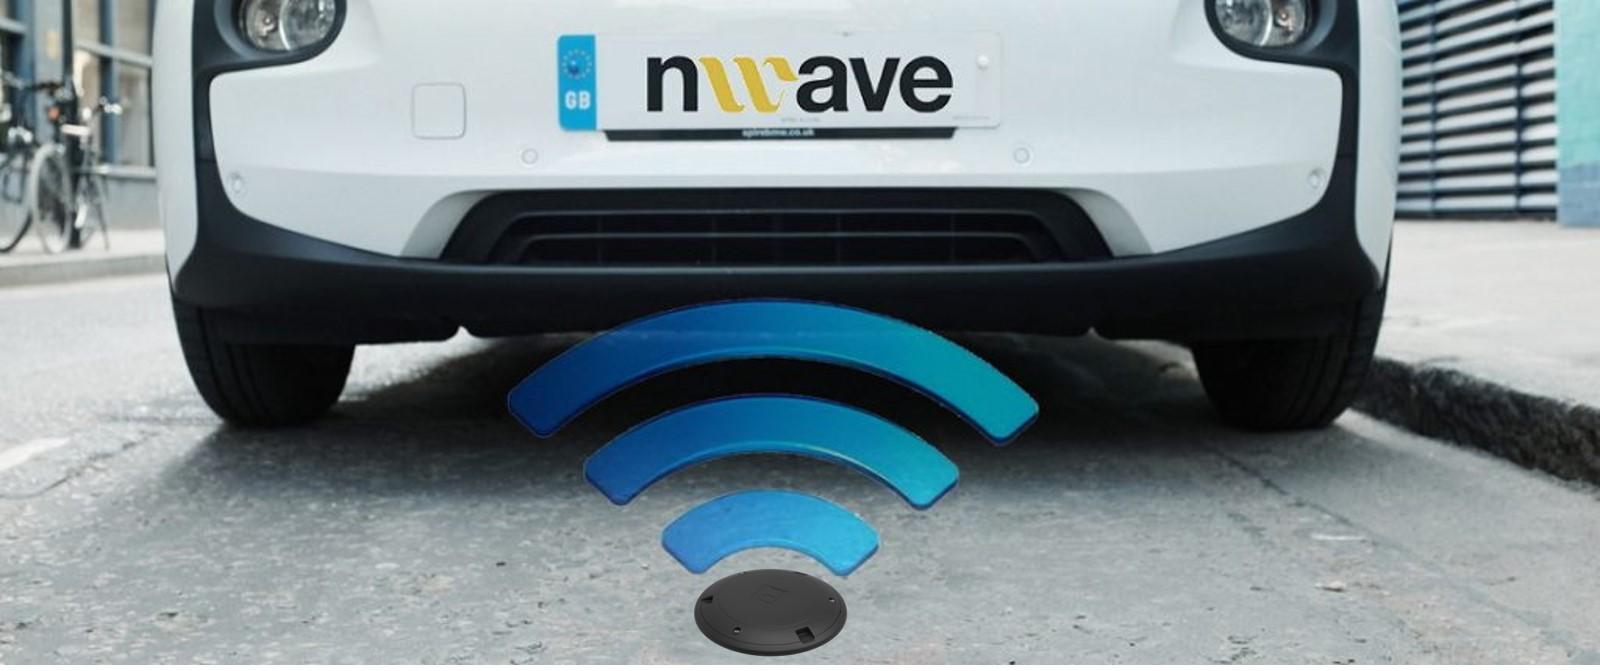 Wireless Parking Space Sensor